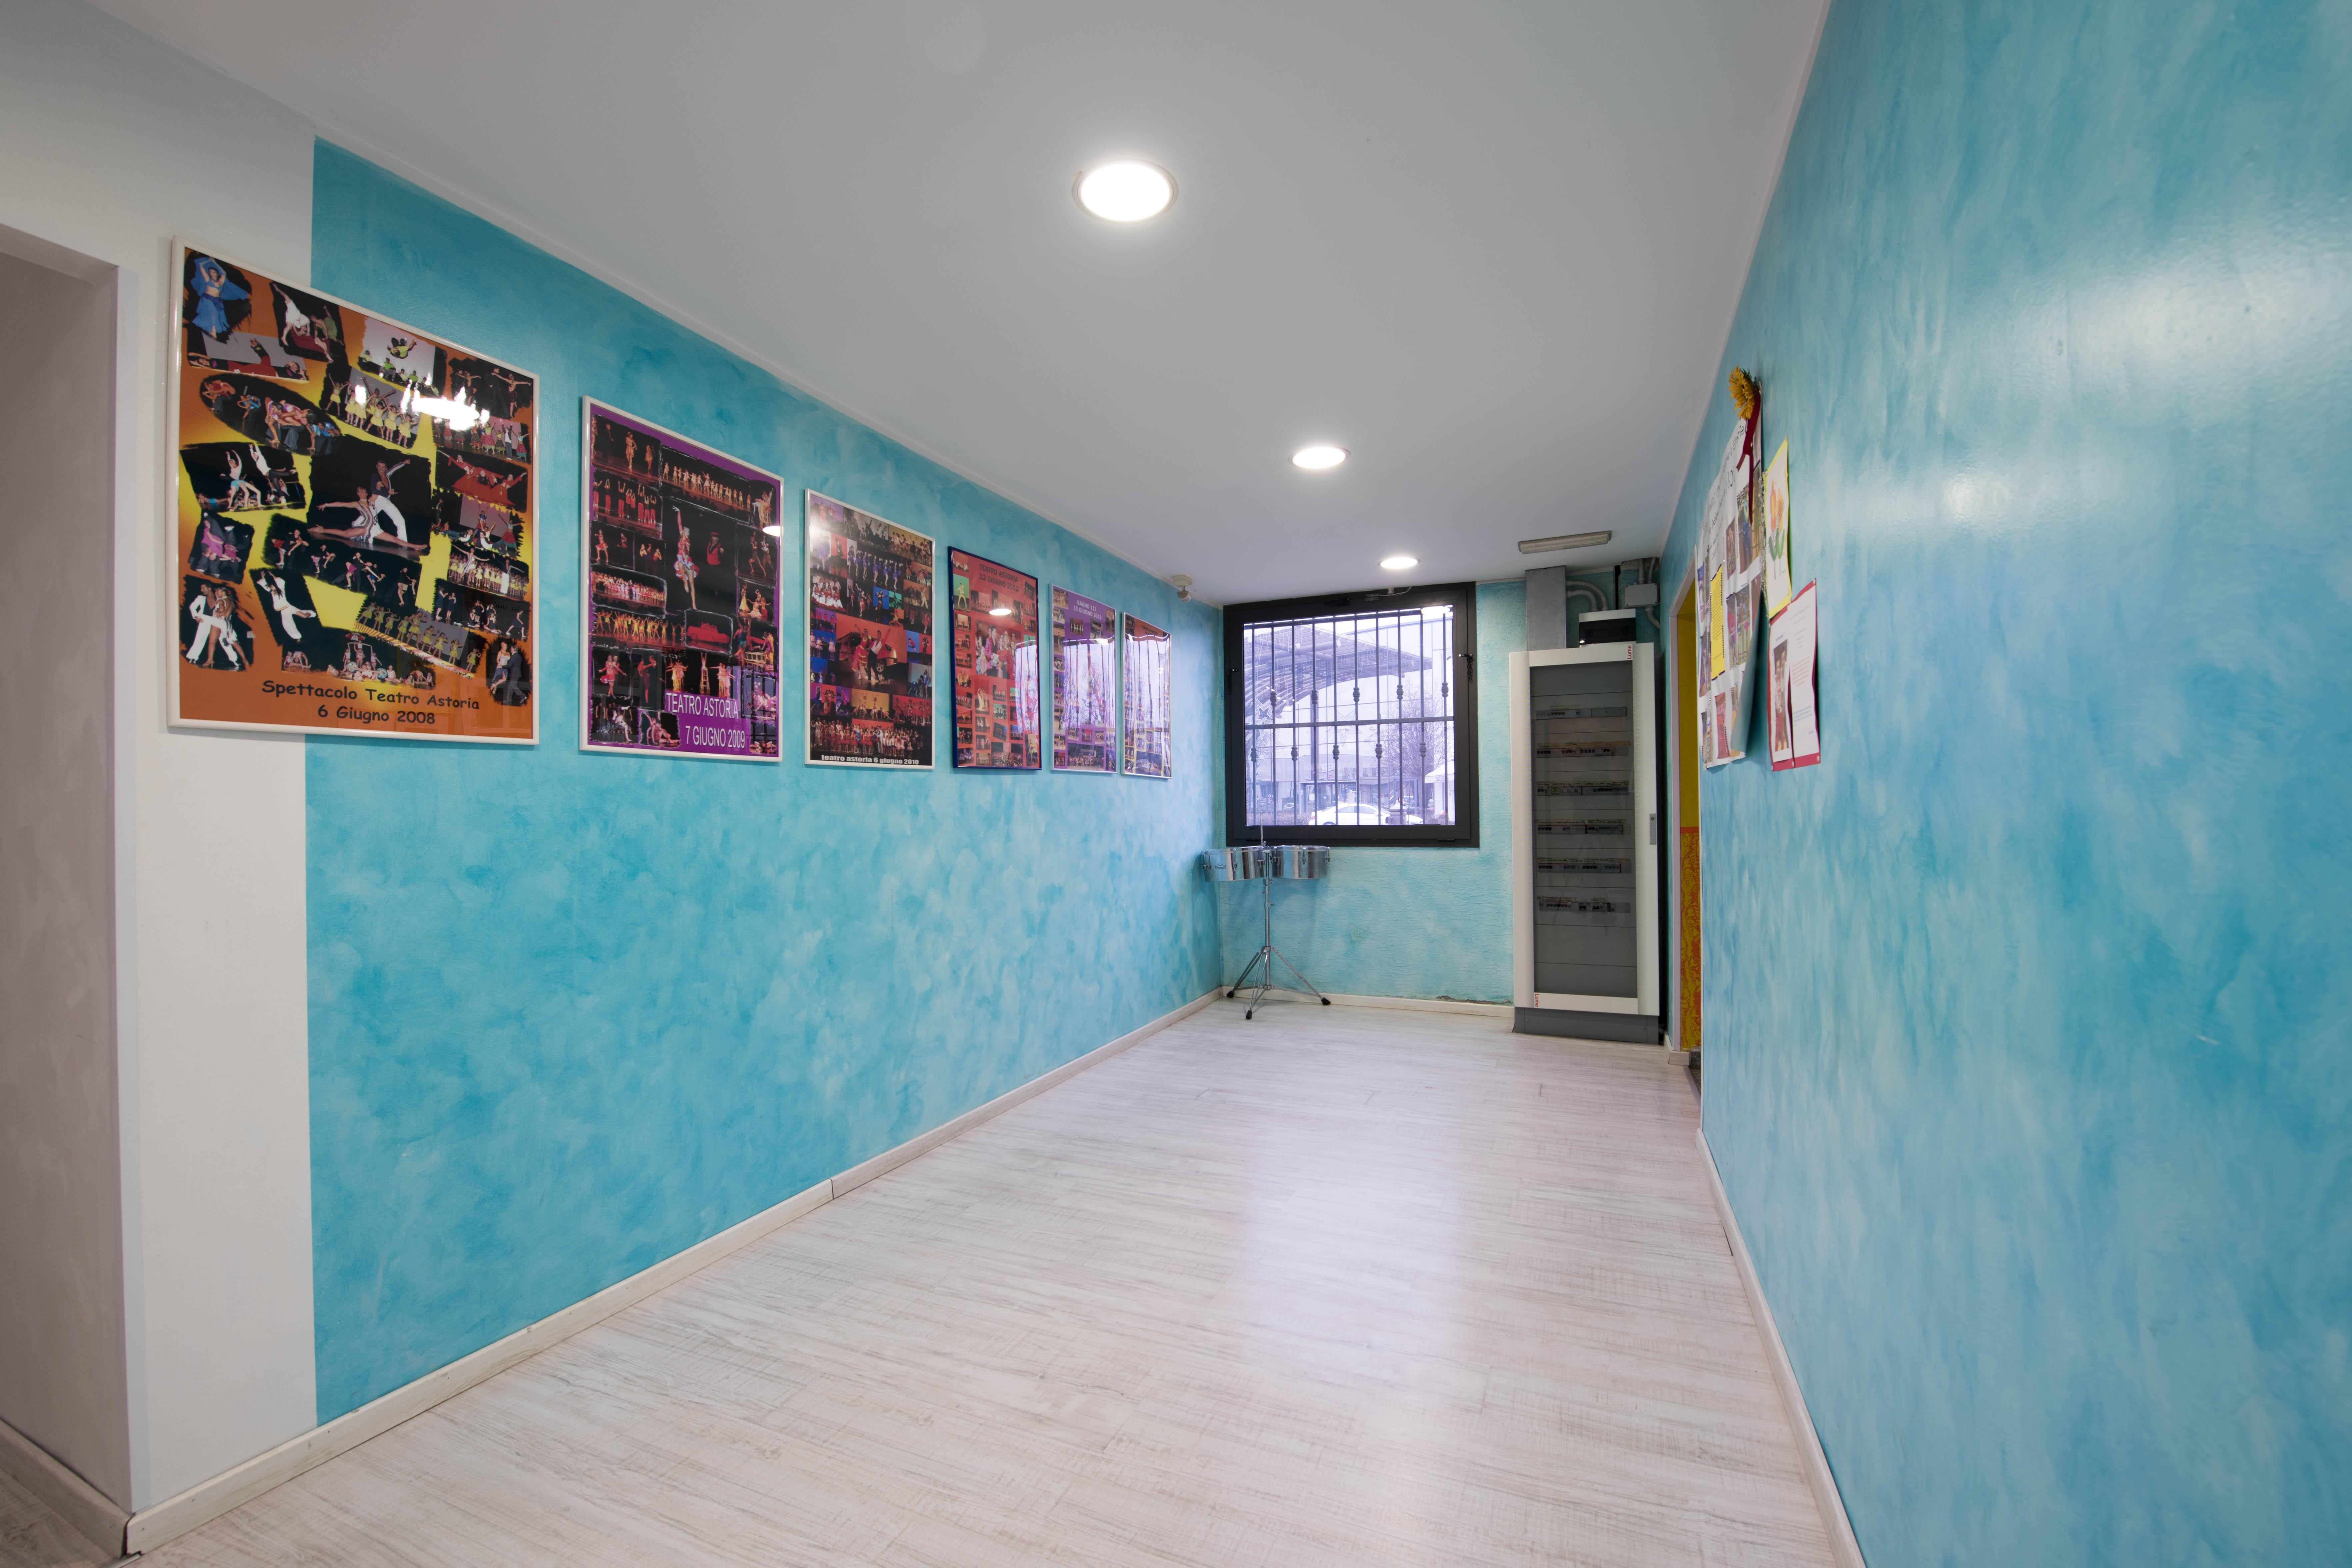 corridoio che porta al piano superiore